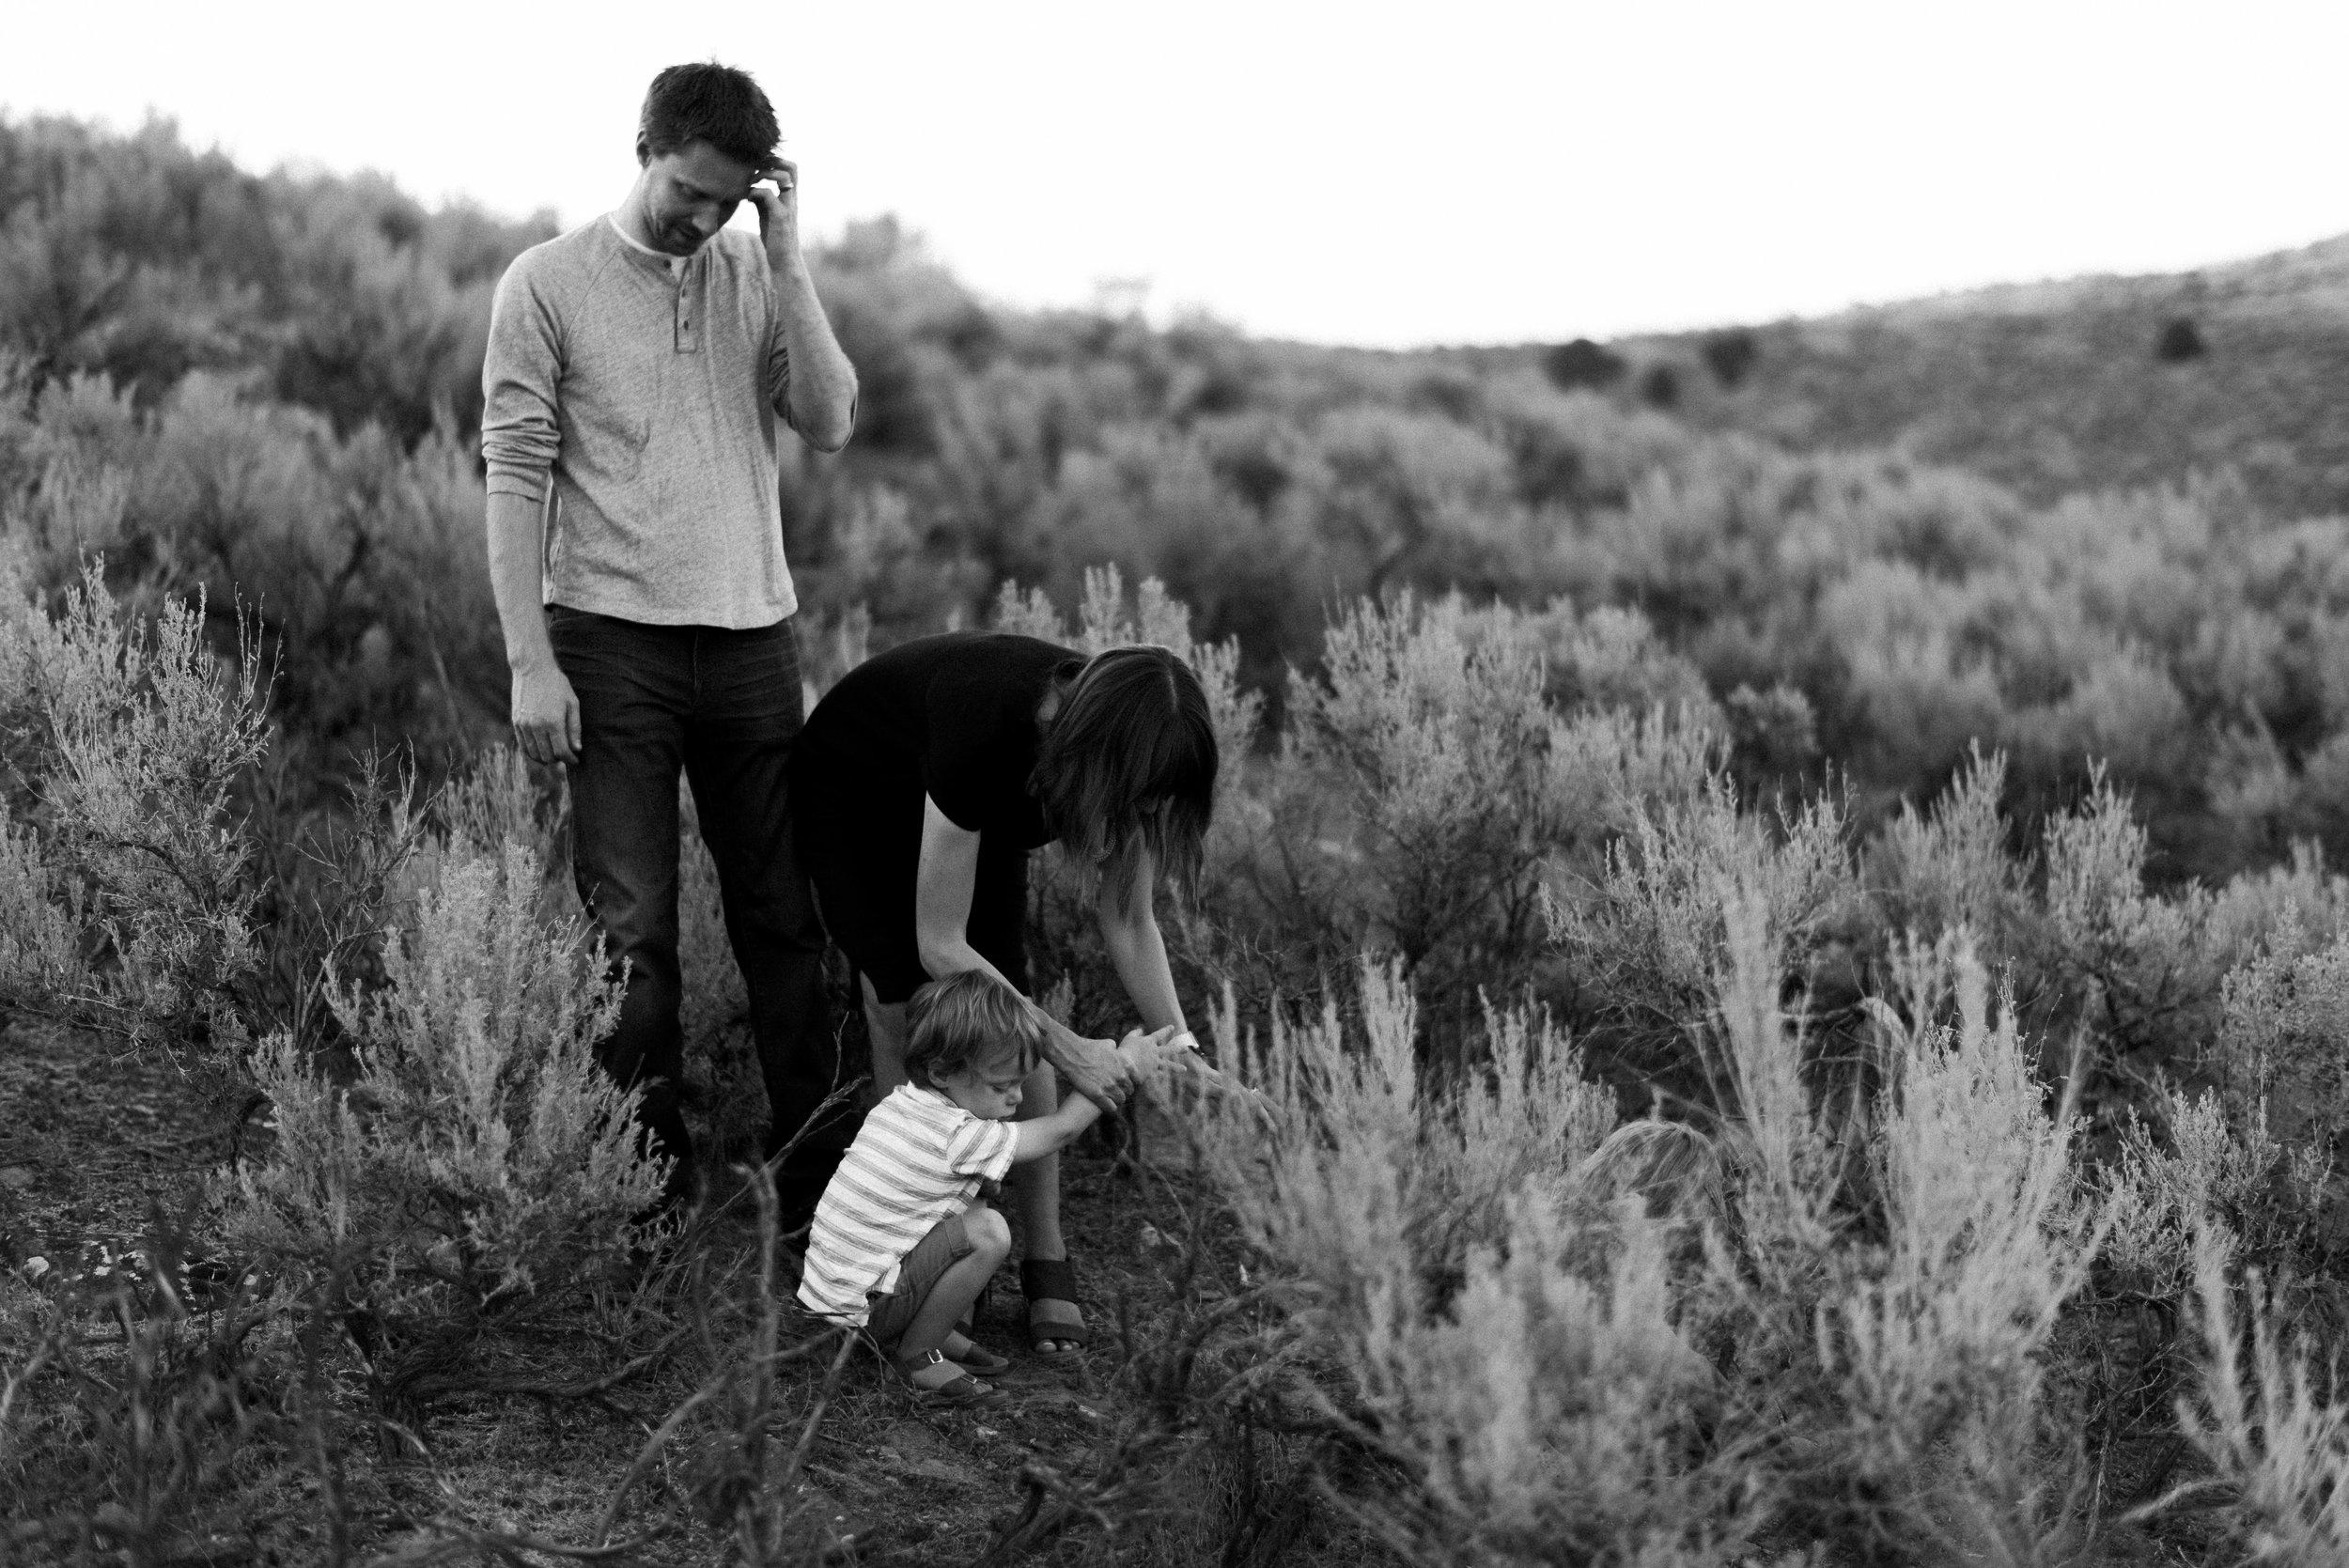 desert family photos utah alyssa sorenson-36.jpg